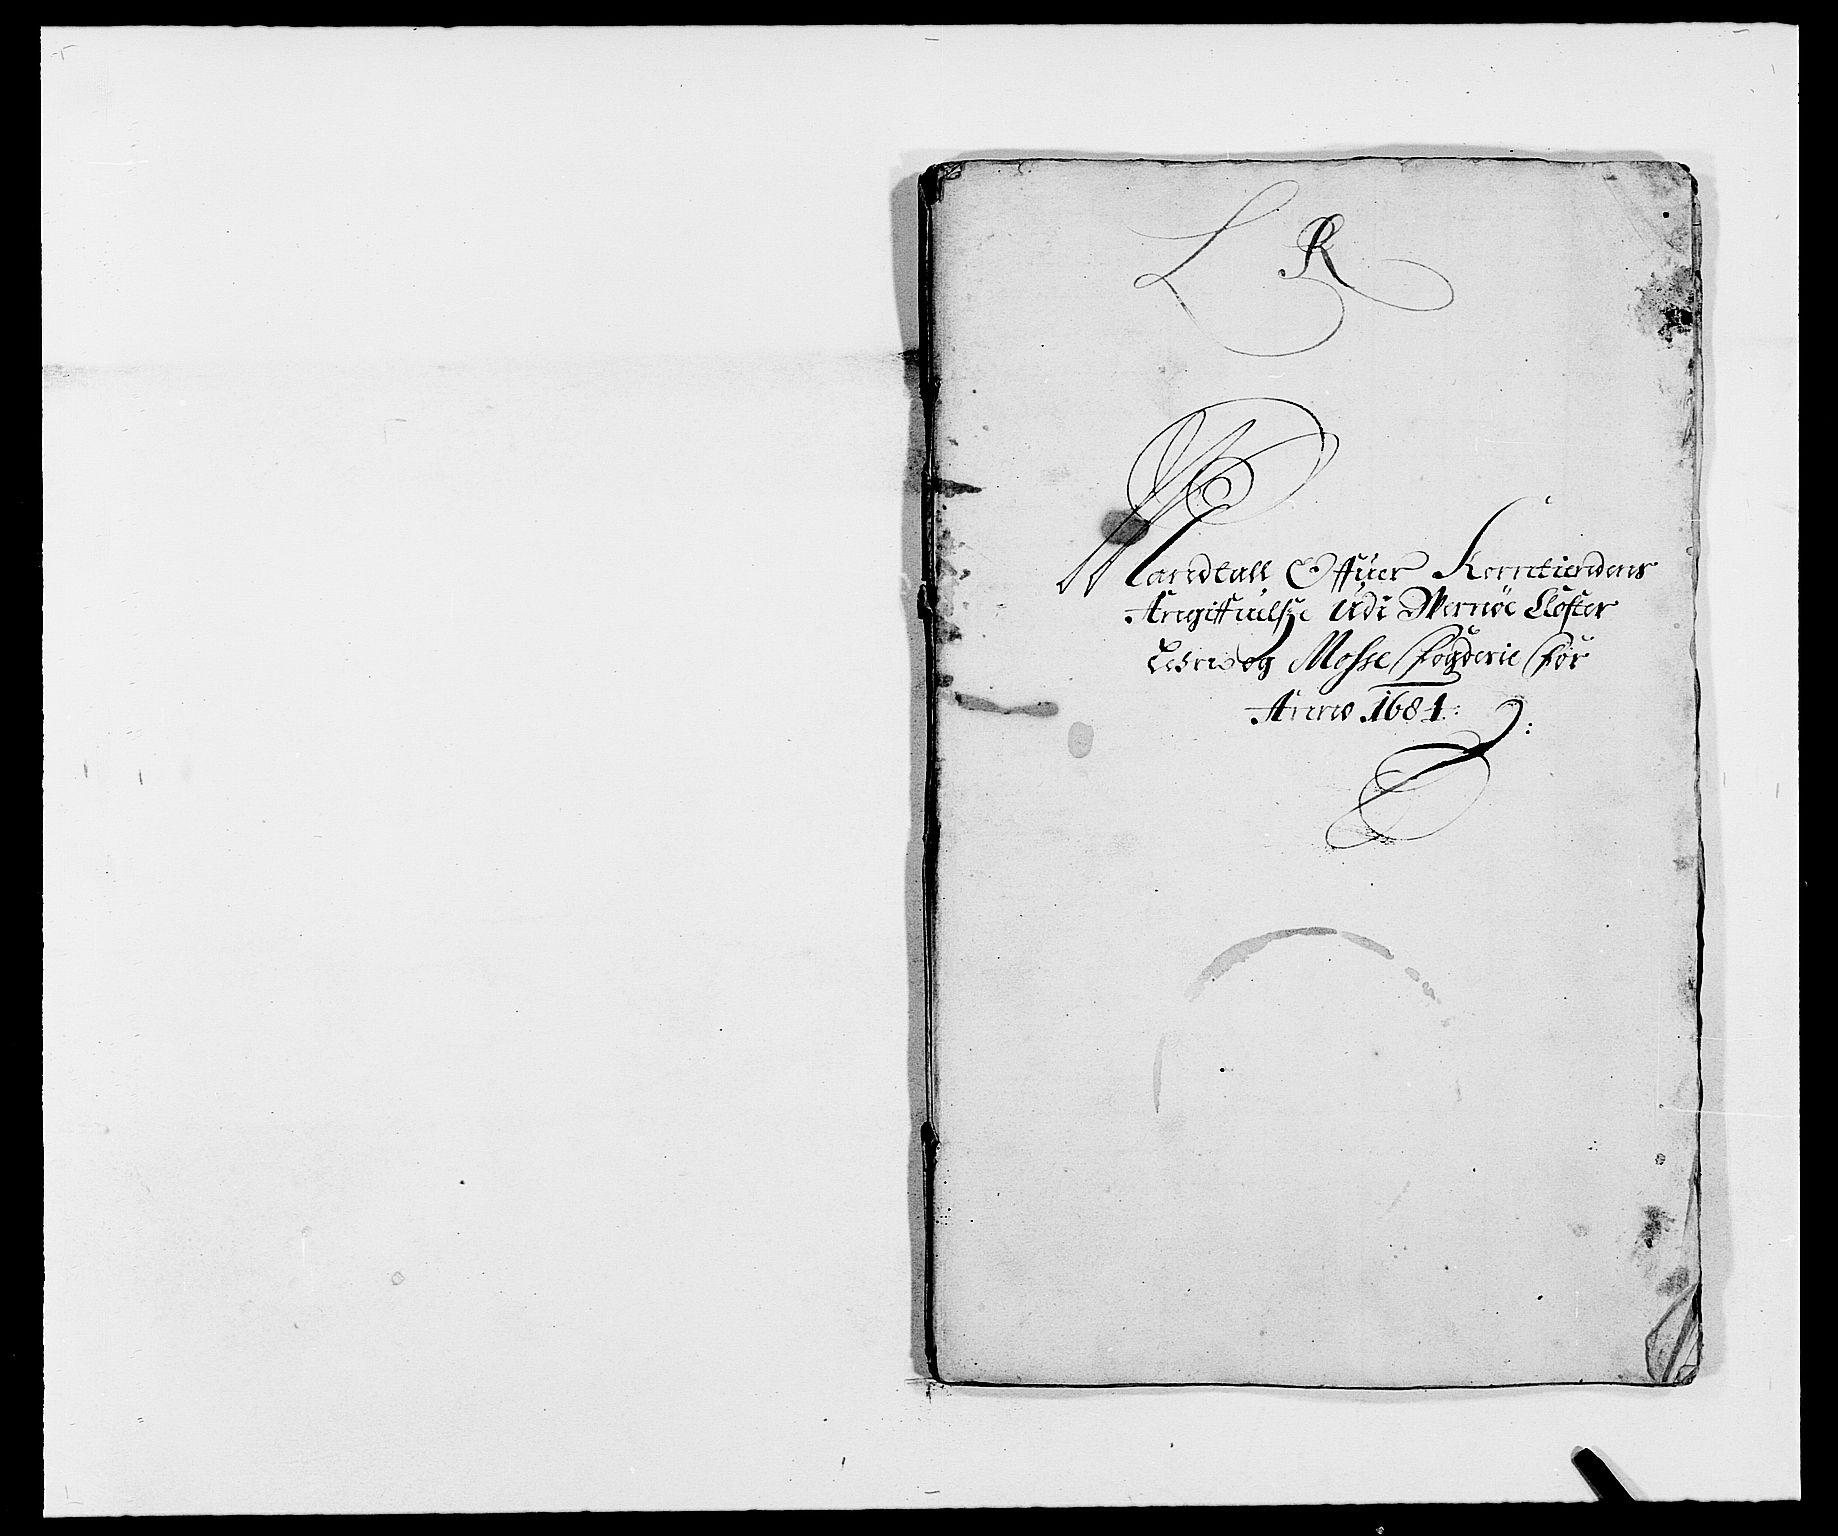 RA, Rentekammeret inntil 1814, Reviderte regnskaper, Fogderegnskap, R02/L0103: Fogderegnskap Moss og Verne kloster, 1682-1684, s. 461